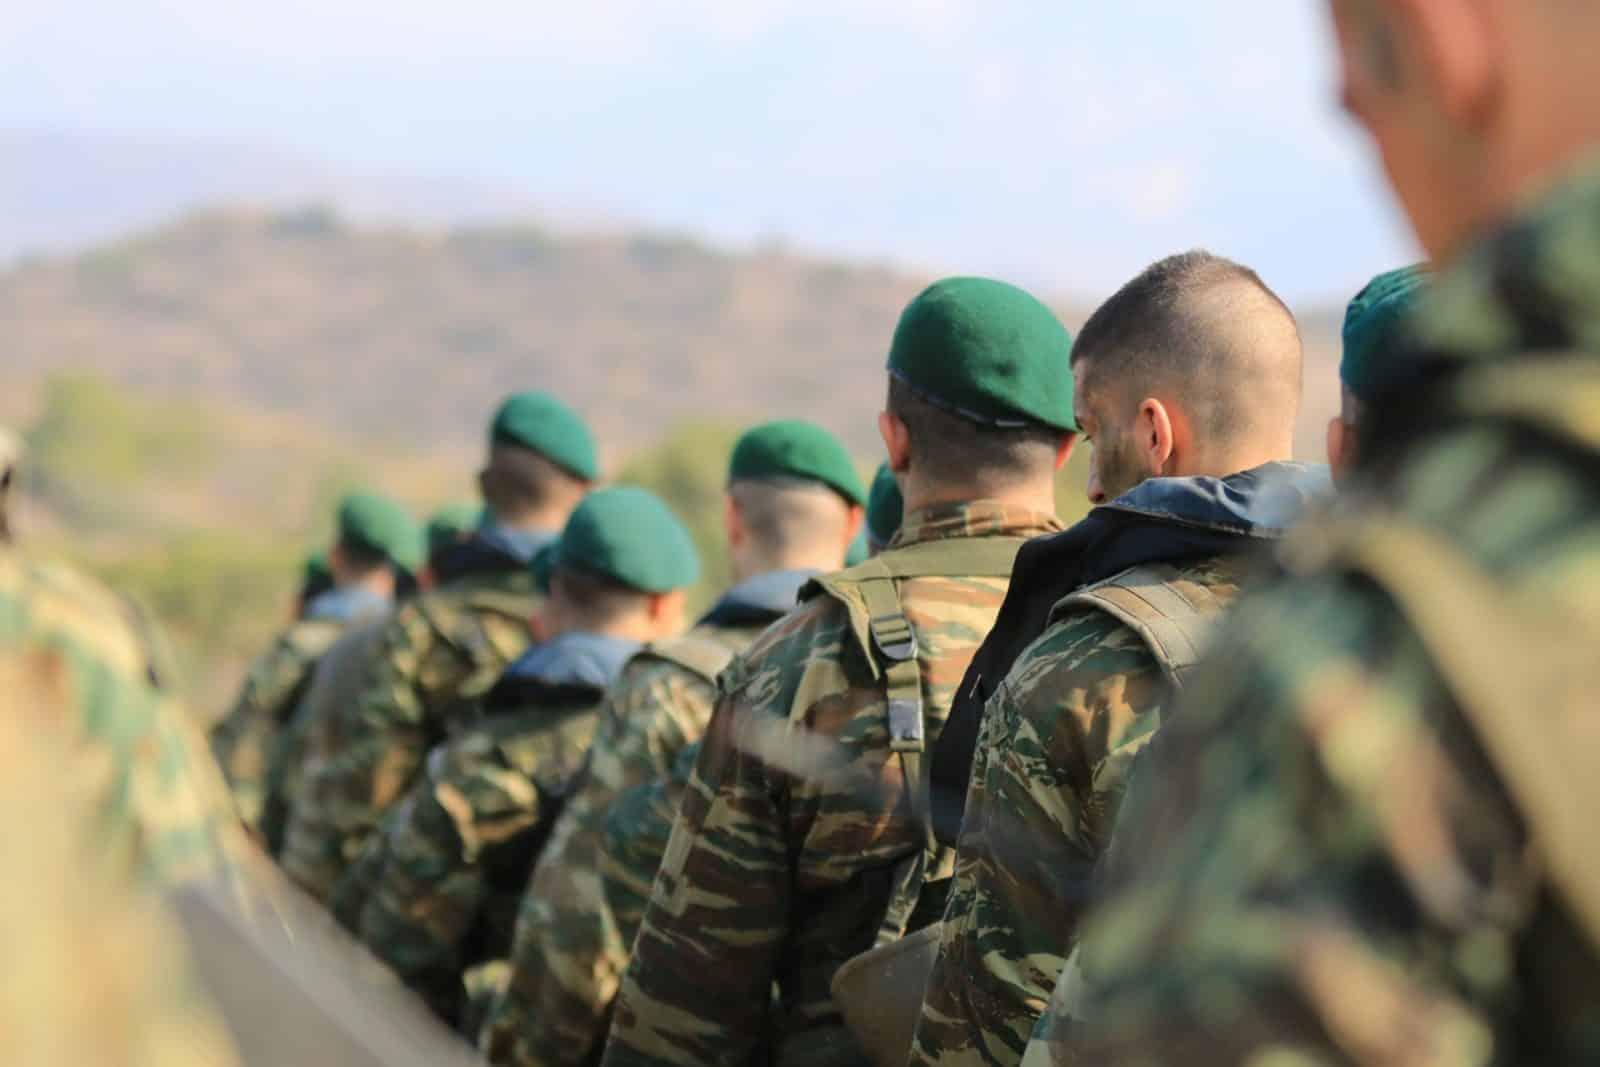 Προκήρυξη ΟΒΑ: Τελευταία νέα για προσλήψεις στο Στρατό 1200 οπλιτών Νομοσχέδιο ΥΠΕΘΑ: Οι ΟΒΑ είναι οι νέοι ΕΠΟΠ; - Προκήρυξη Στρατού Παρμενίων 2018 ΕΠΟΠ Προκήρυξη 2019 πότε βγαίνει